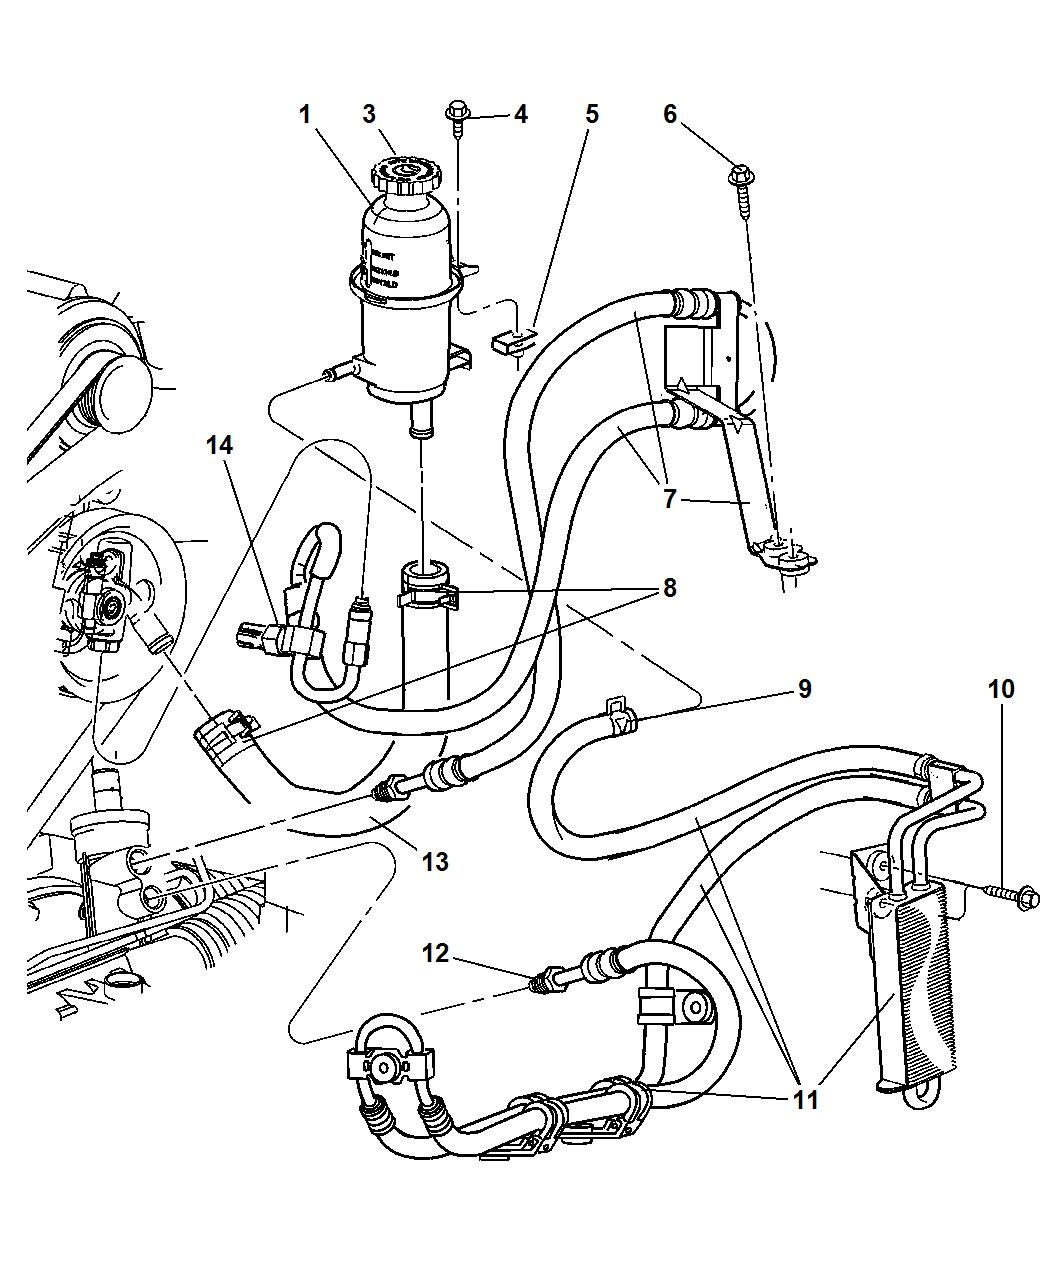 2003 Jeep Liberty Vacuum Hose Diagram Wiring Diagram Pour Note Pour Note Agriturismoduemadonne It